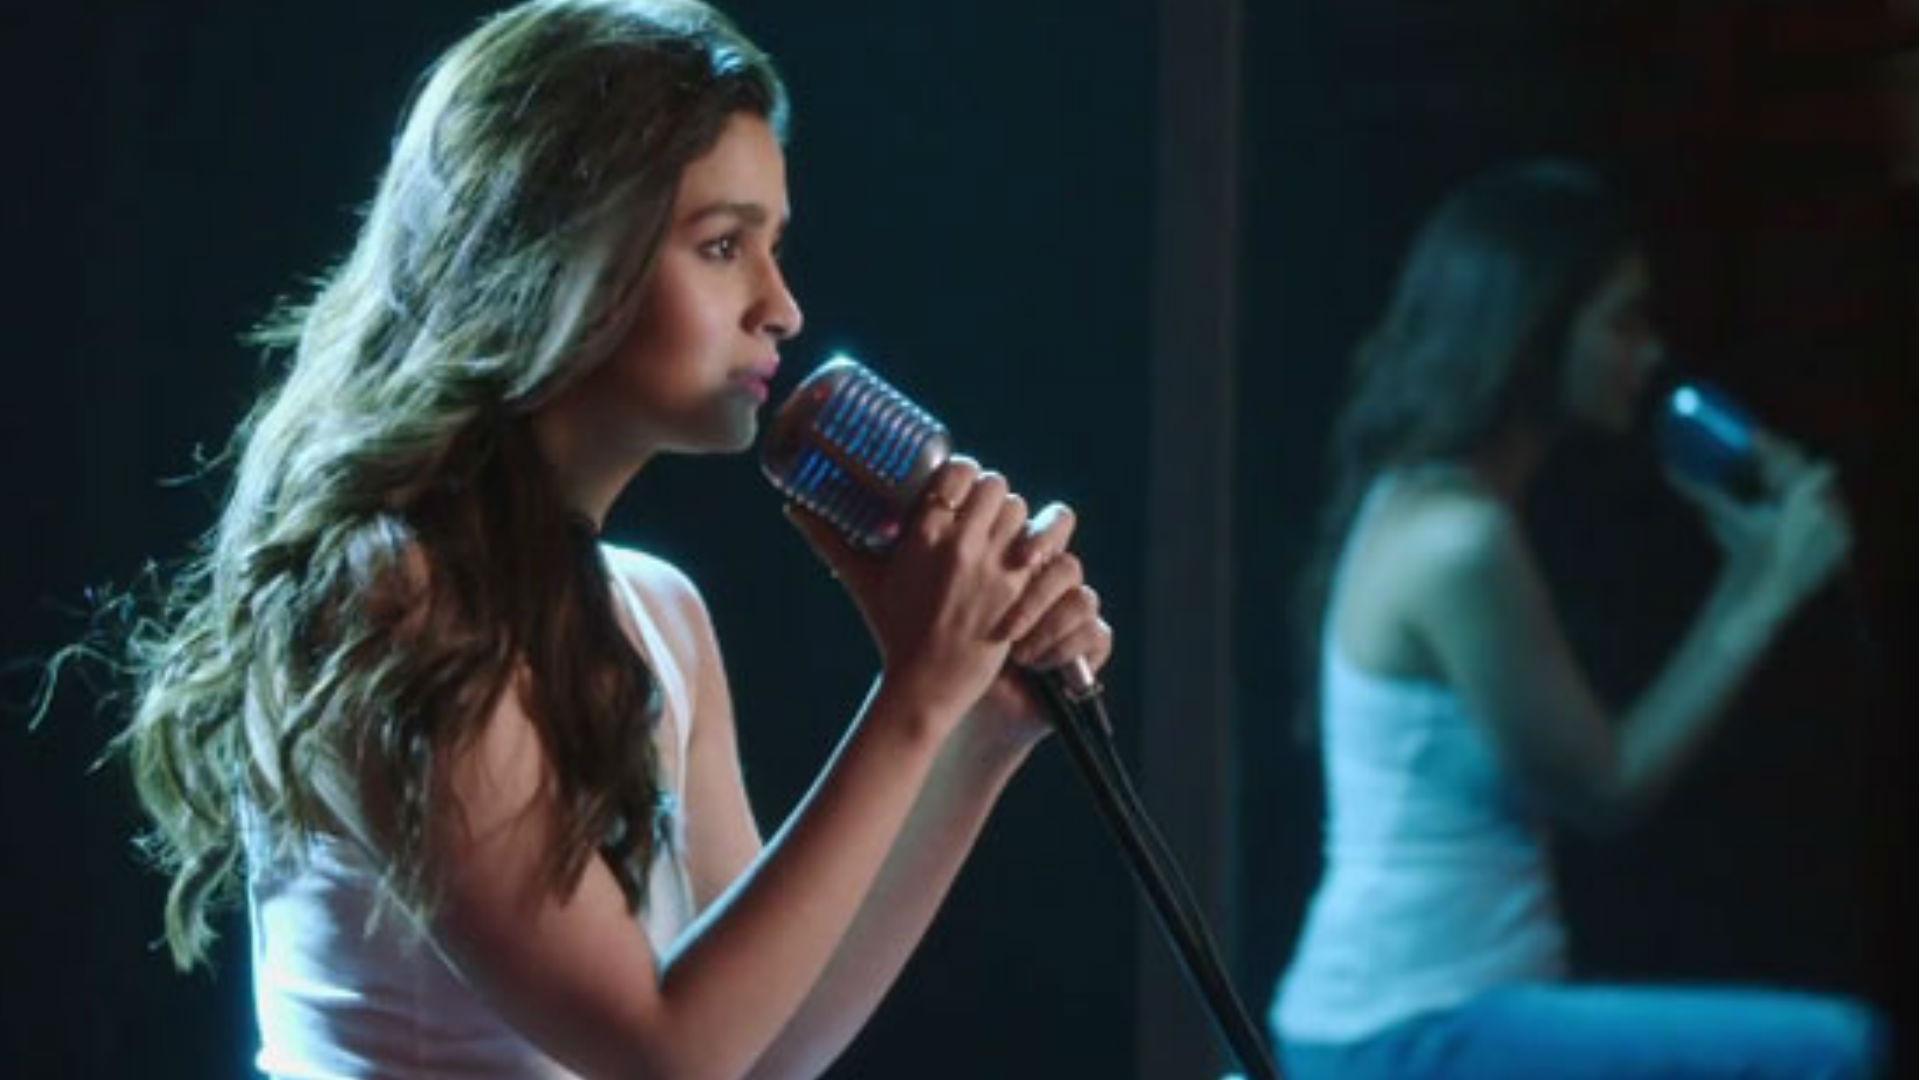 बॉलीवुड एक्ट्रेस आलिया भट्ट ने फिर थामा माइक, इस फिल्म के लिए गाएंगी रोमांटिक गाना